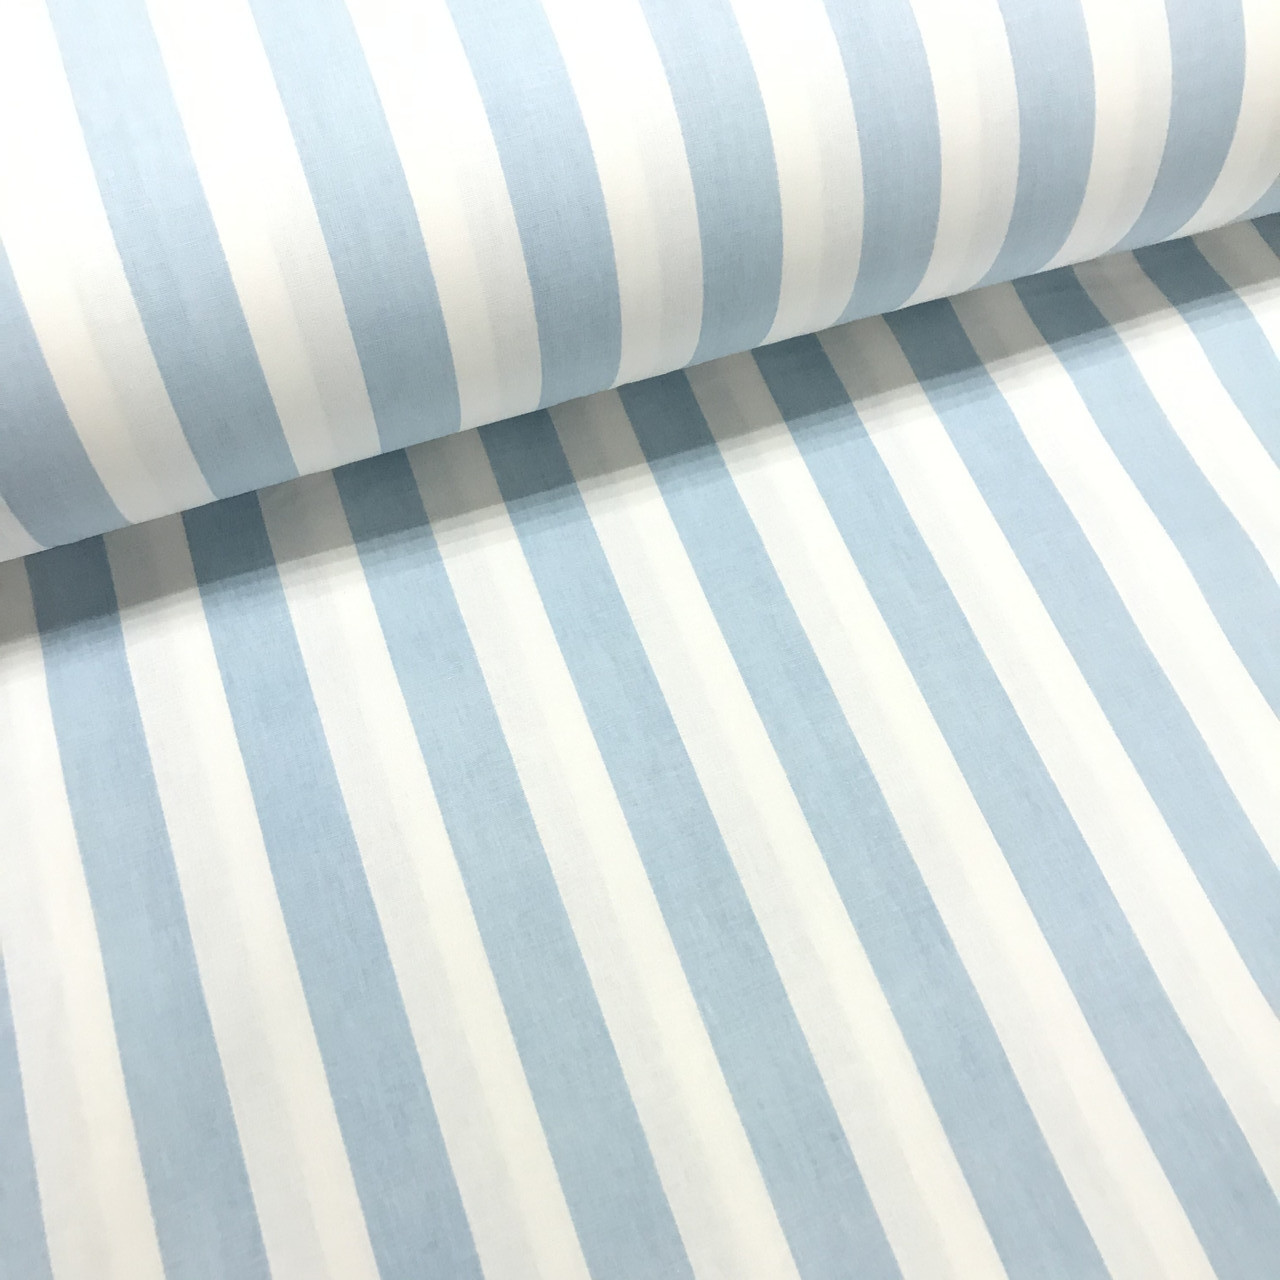 Хлопковая ткань (ТУРЦИЯ шир. 2,4 м) полоска голубая 20мм